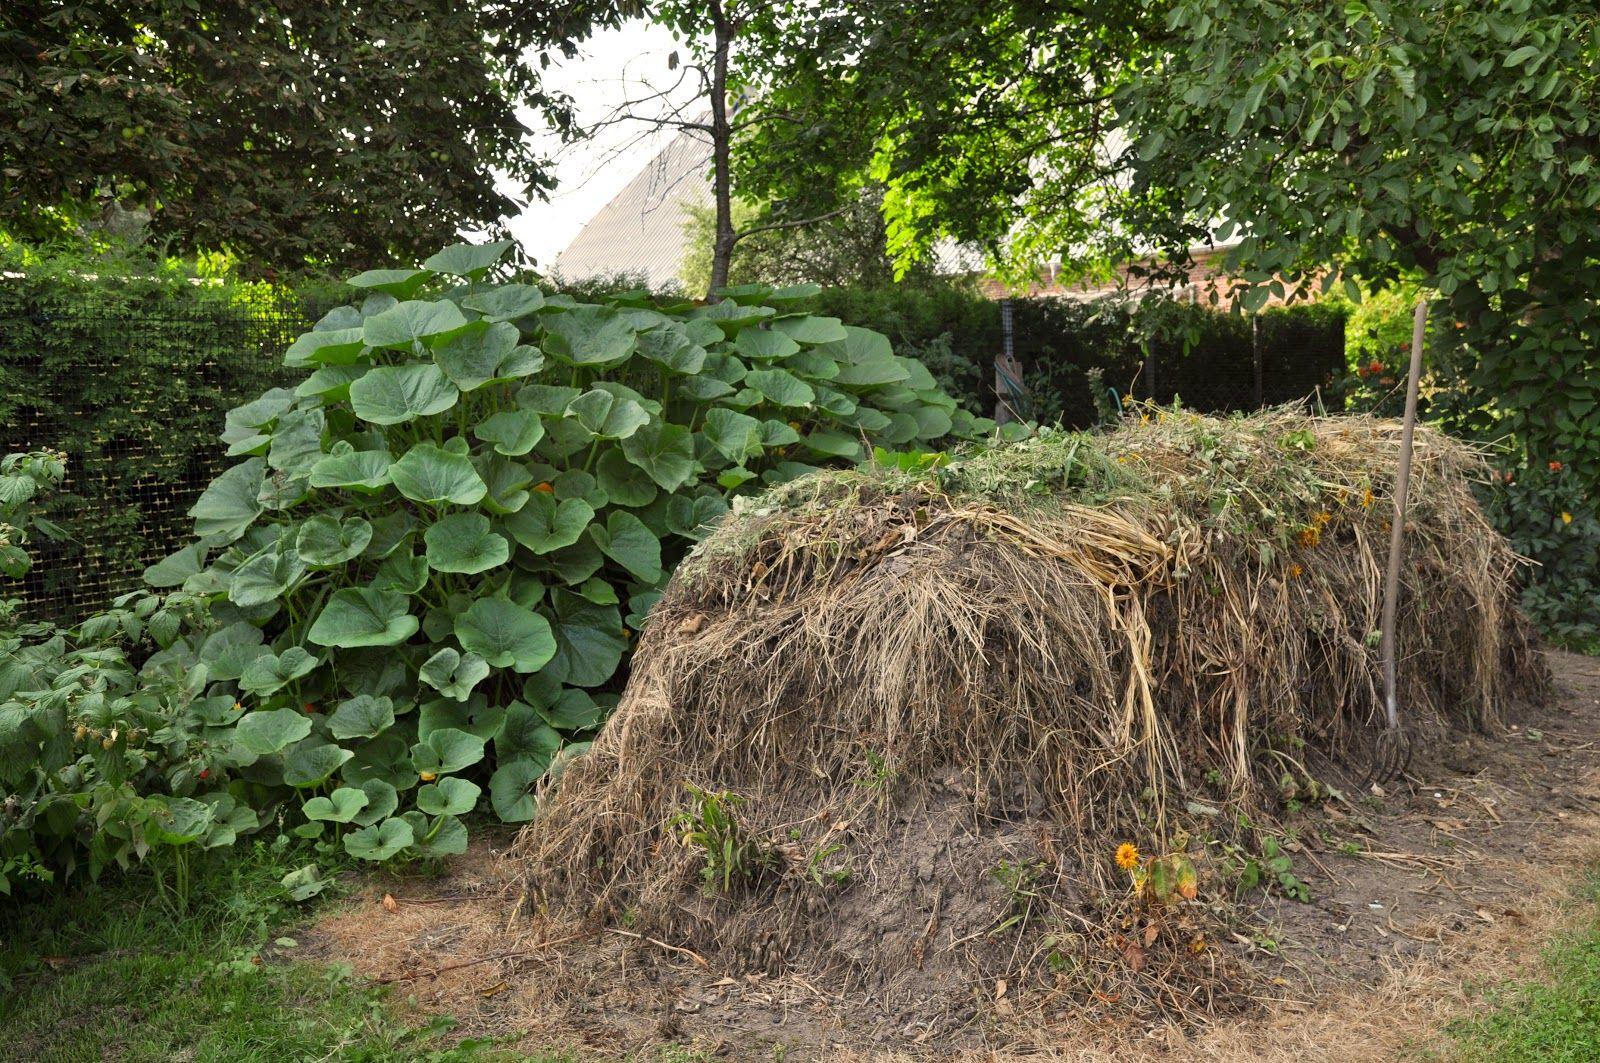 staudengarten gross potrems kompost post garten kompost garten und staudengarten. Black Bedroom Furniture Sets. Home Design Ideas